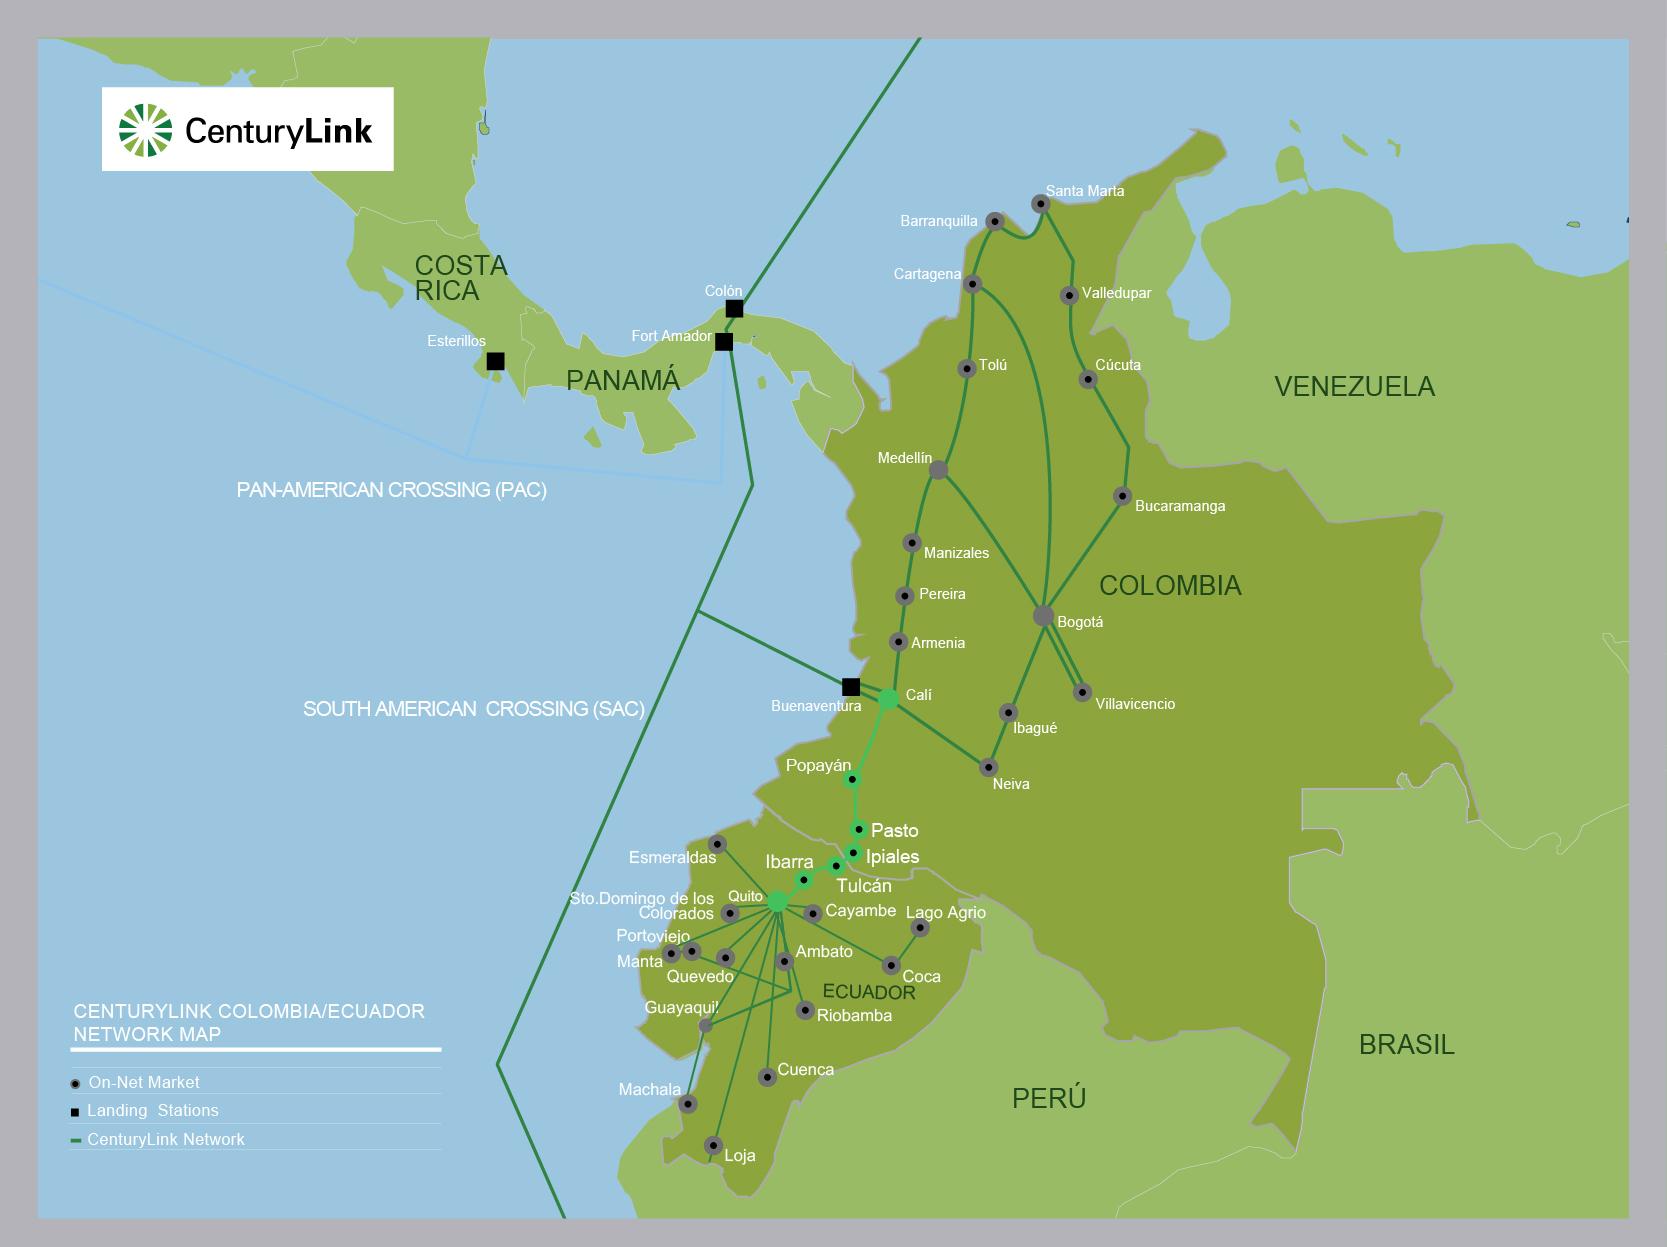 CenturyLink LATAM_Networkmaps_Ecuador_Colombia